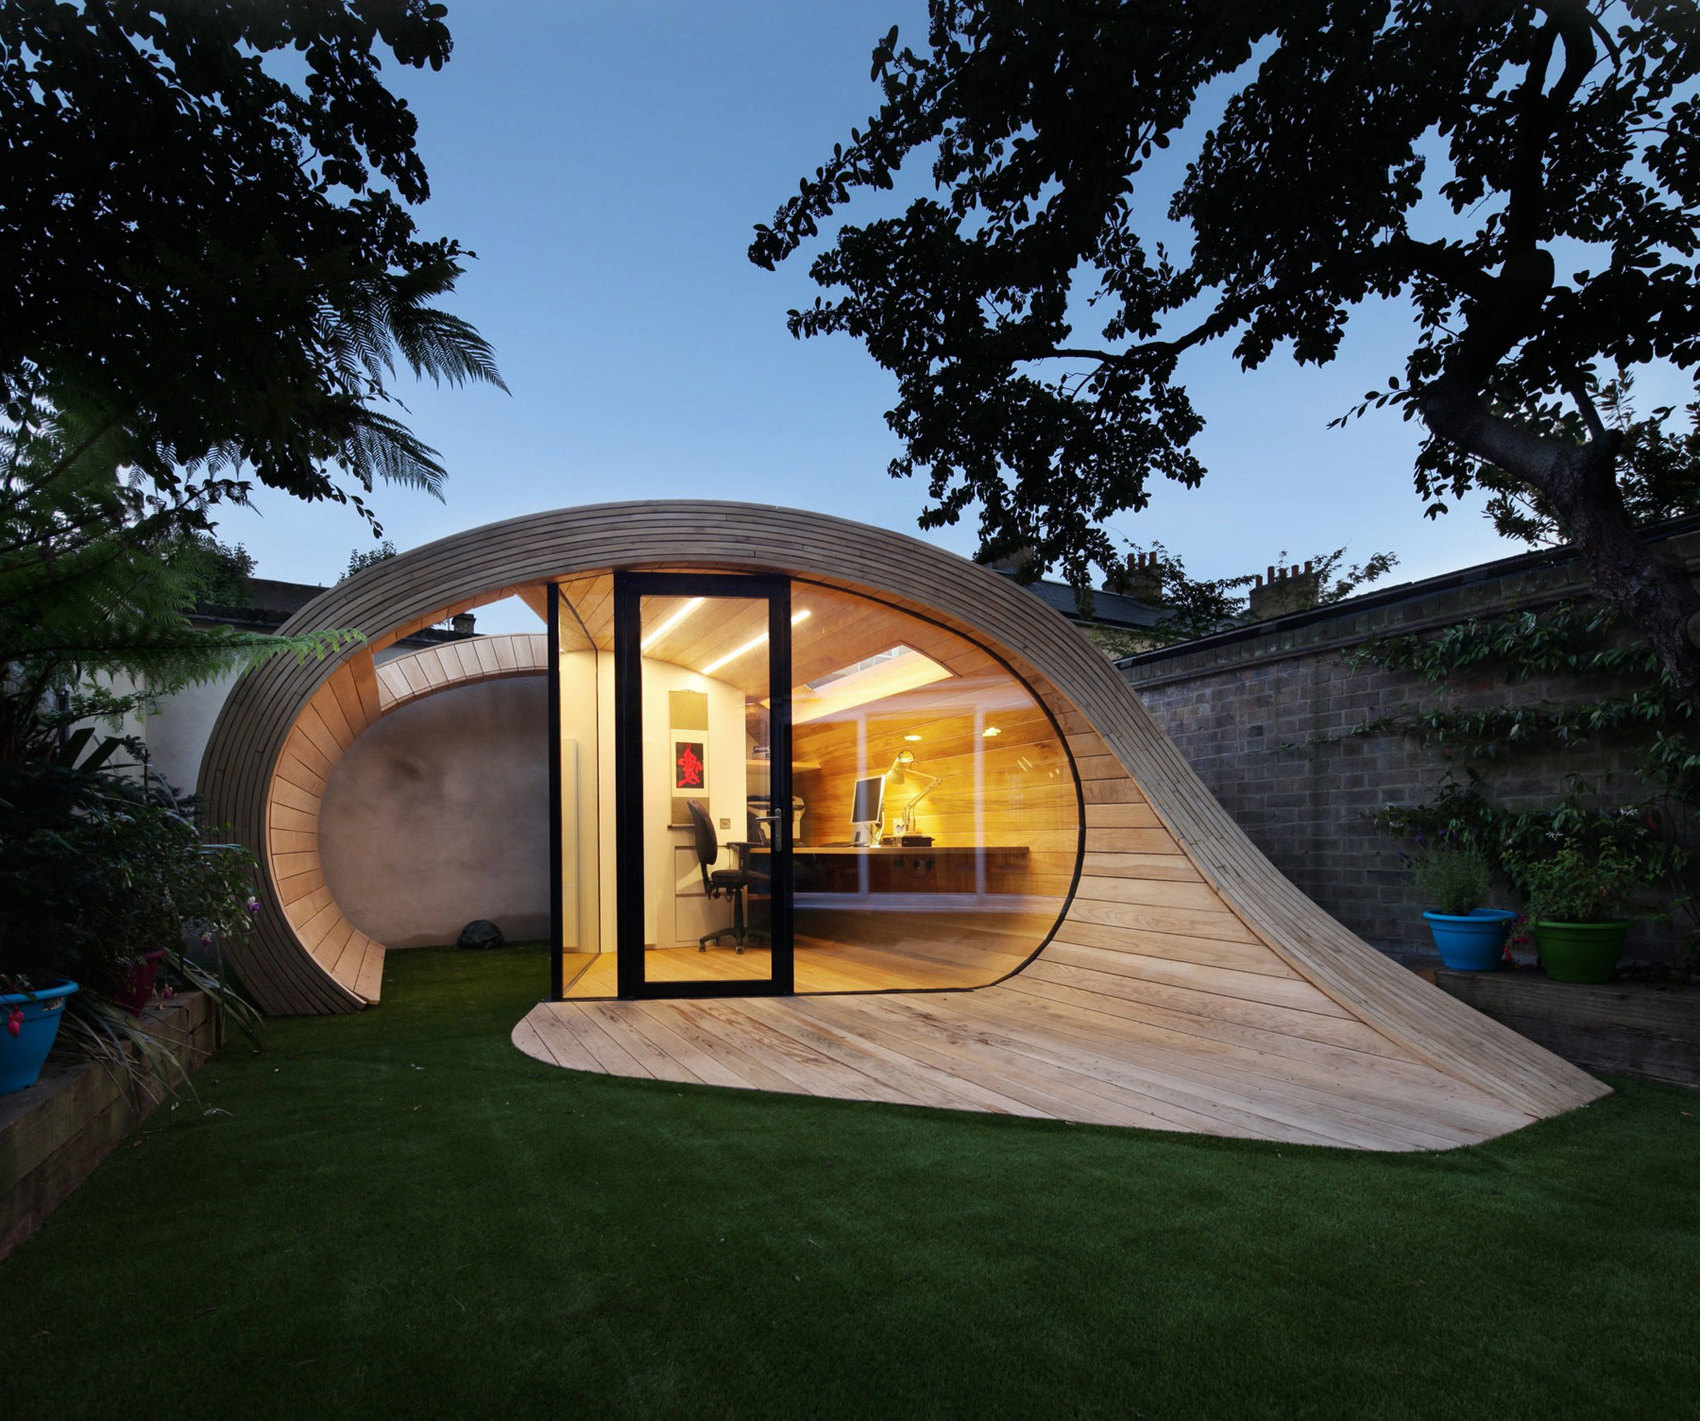 Gartenhütten Ideen für In- und Exterieur